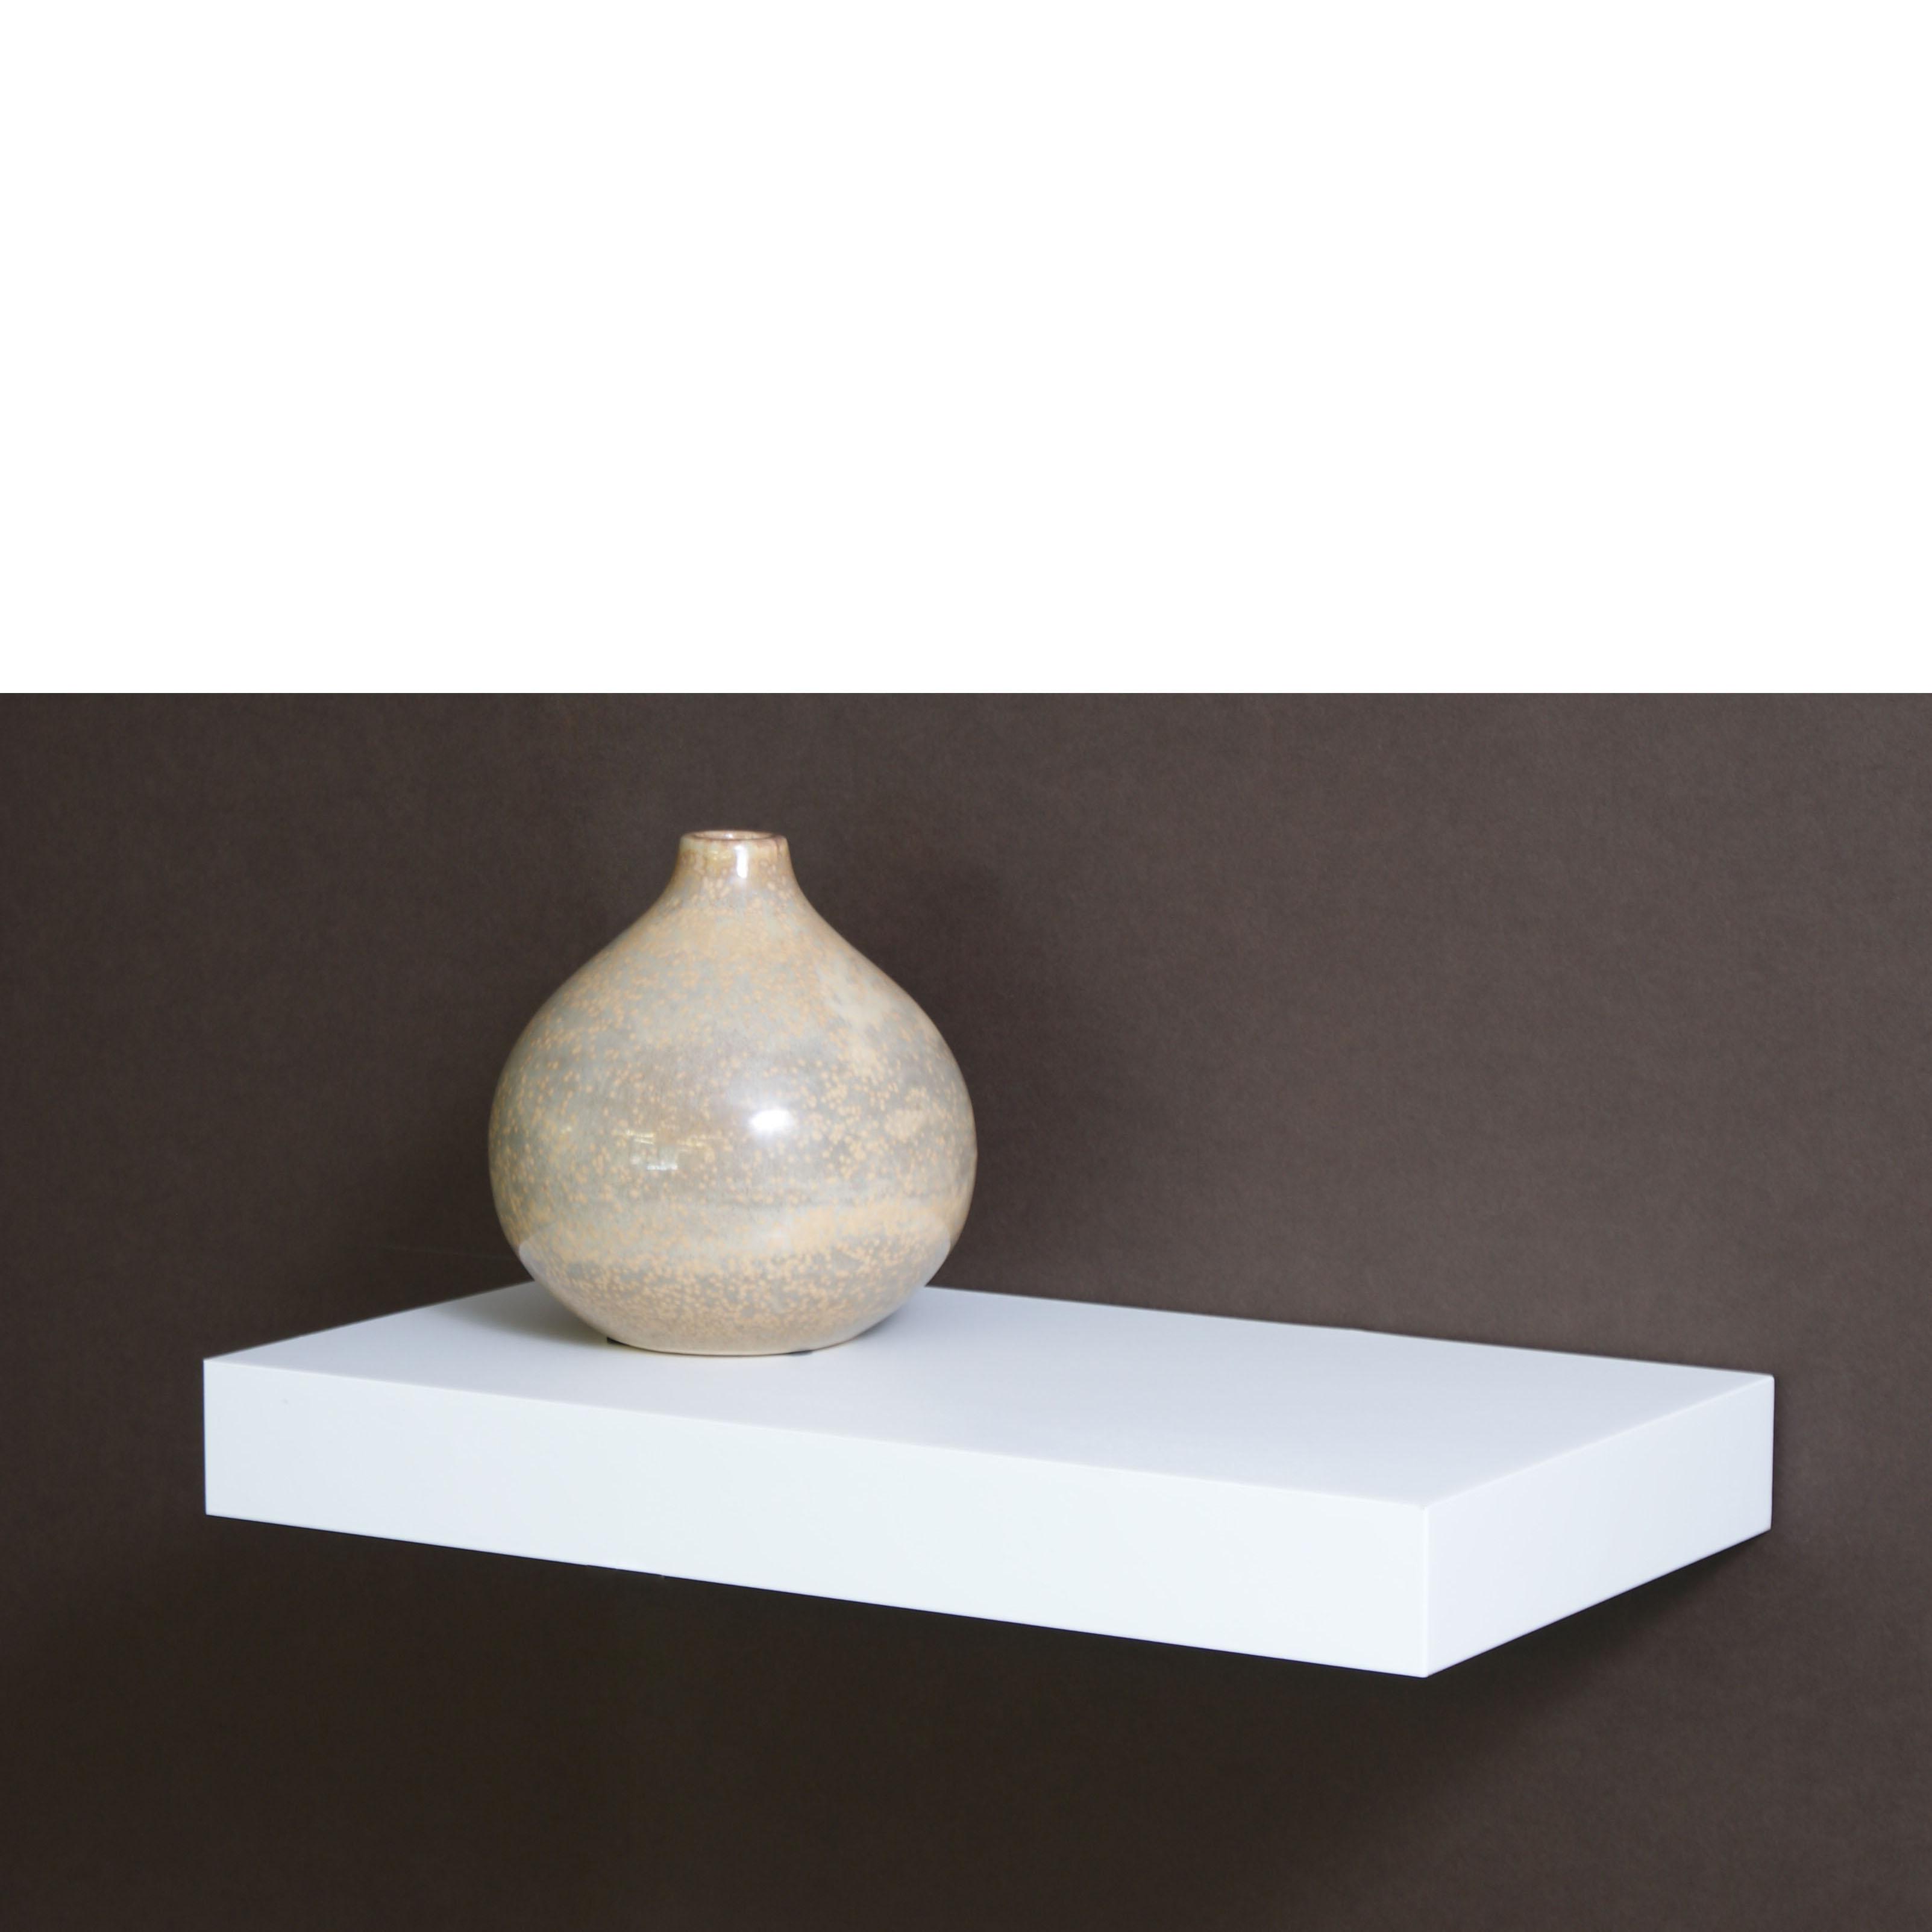 white floating shelf kit 445x250x50mm mastershelf. Black Bedroom Furniture Sets. Home Design Ideas